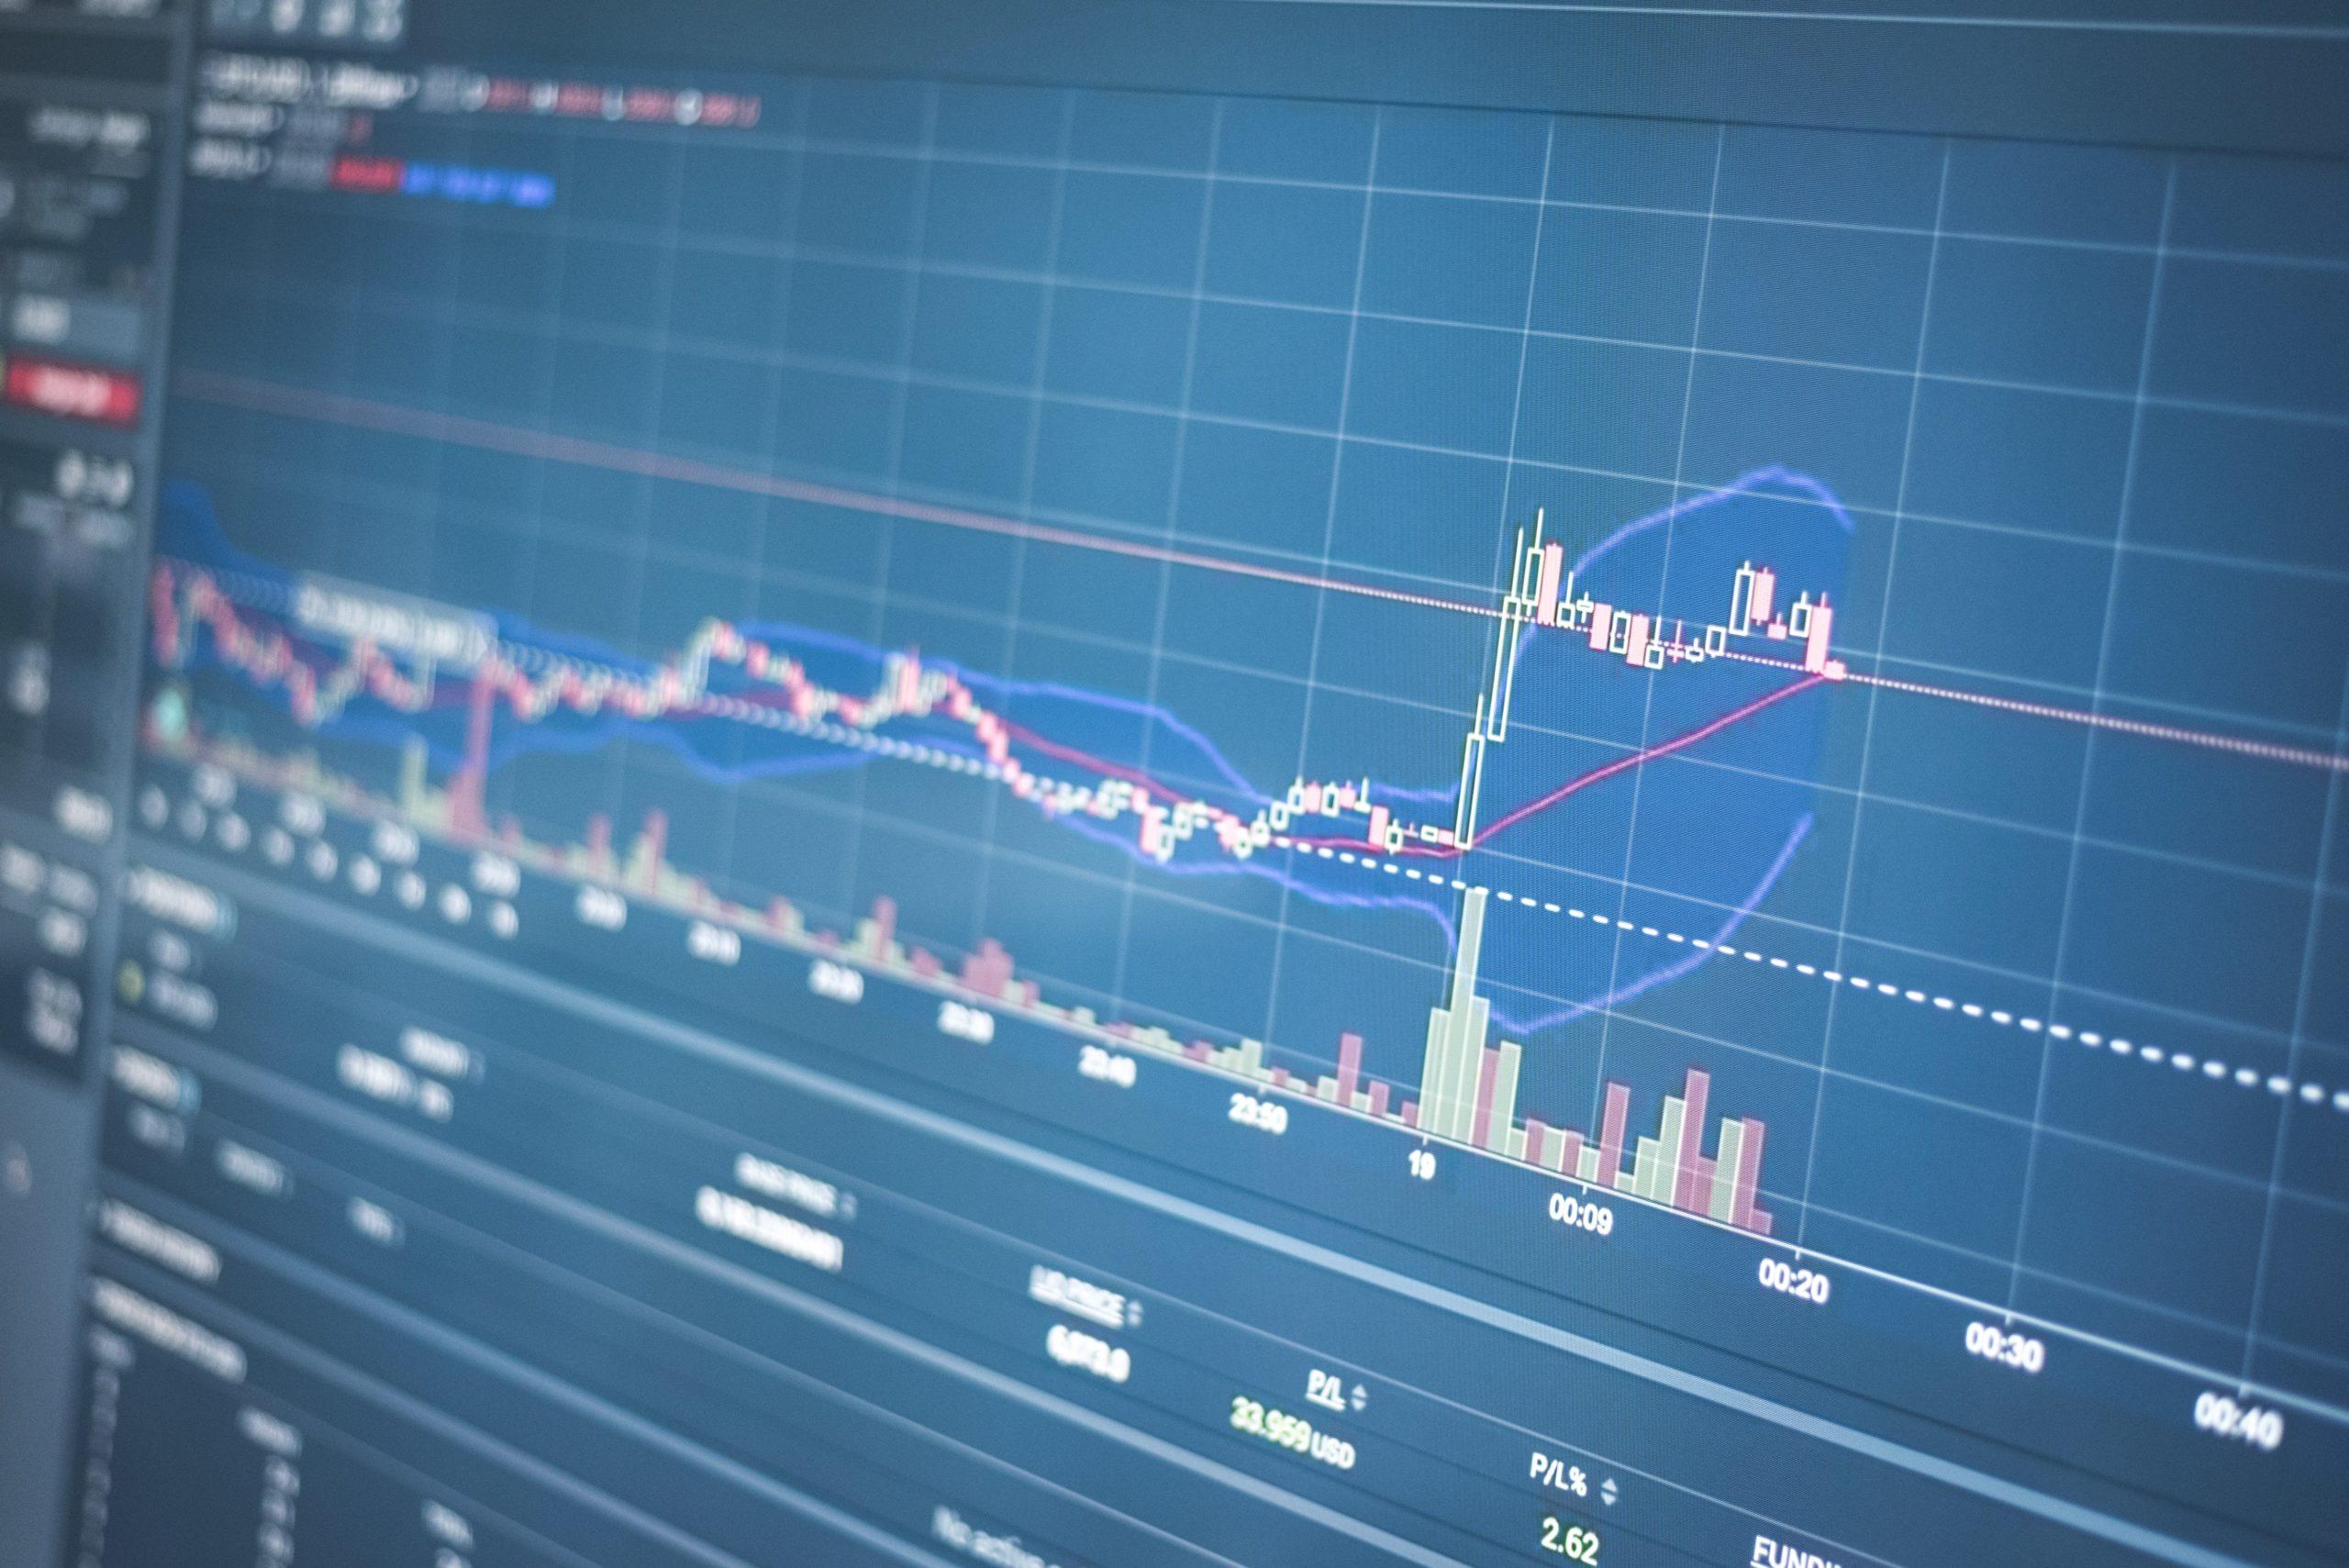 kann eine person in den Österreich von bitcoin profitieren? 50.000 in bitcoin investieren